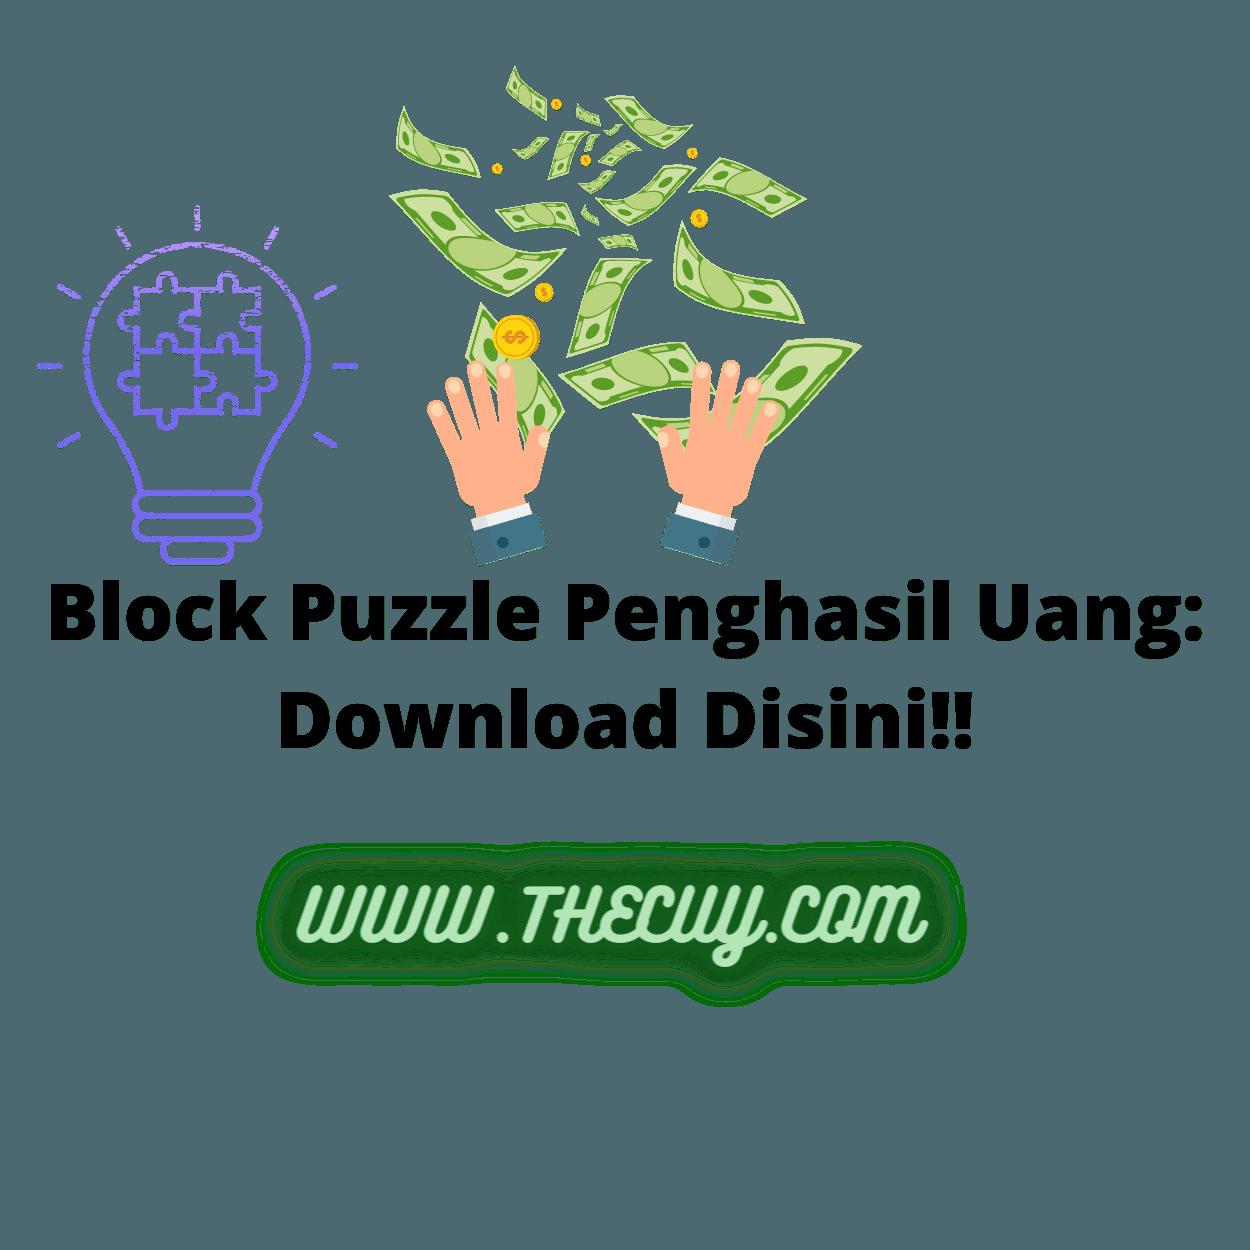 Block Puzzle Penghasil Uang: Download Disini!!